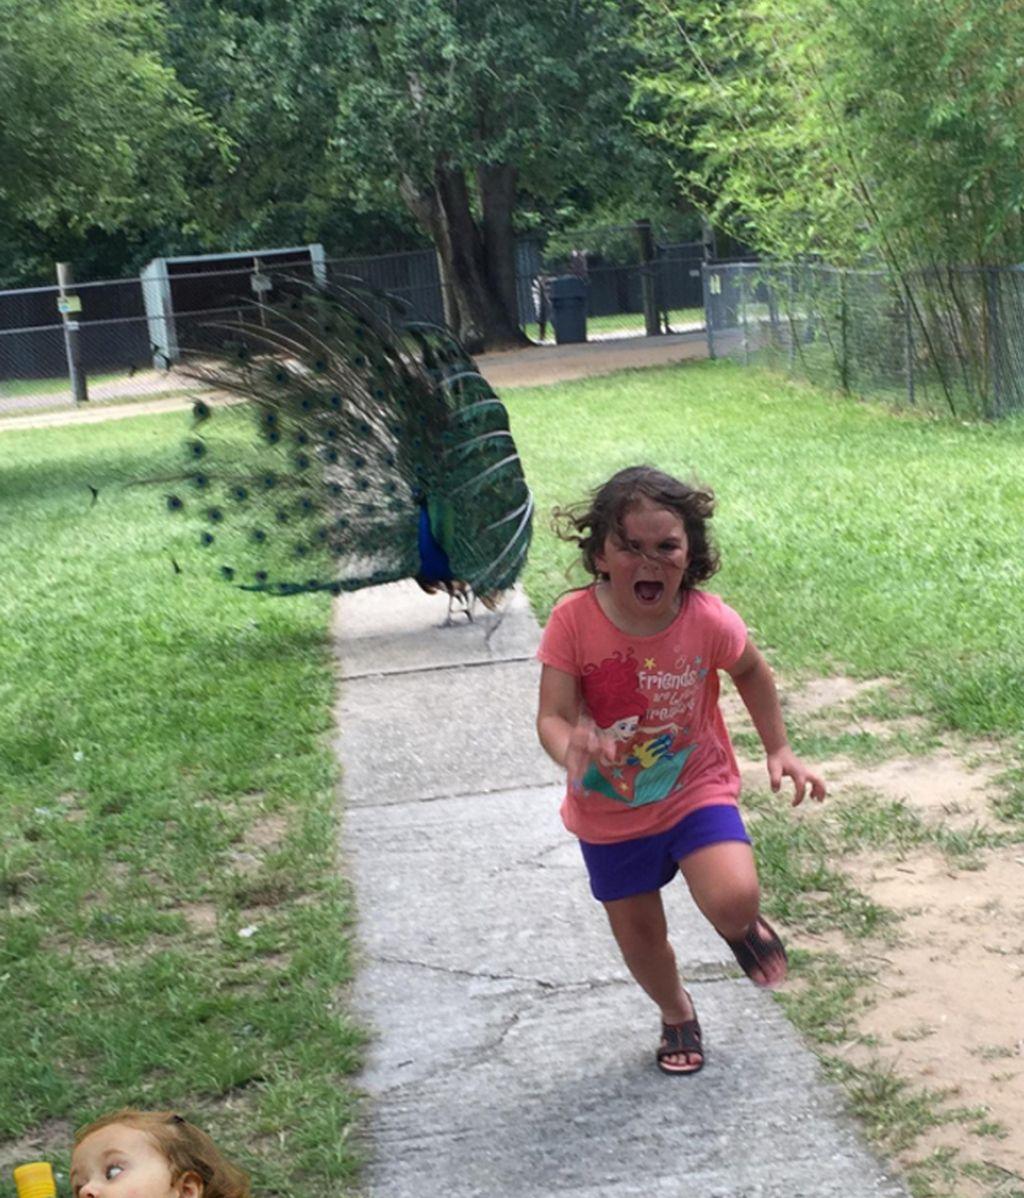 La Red parodia la huida desesperada de una niña ante un pavo real